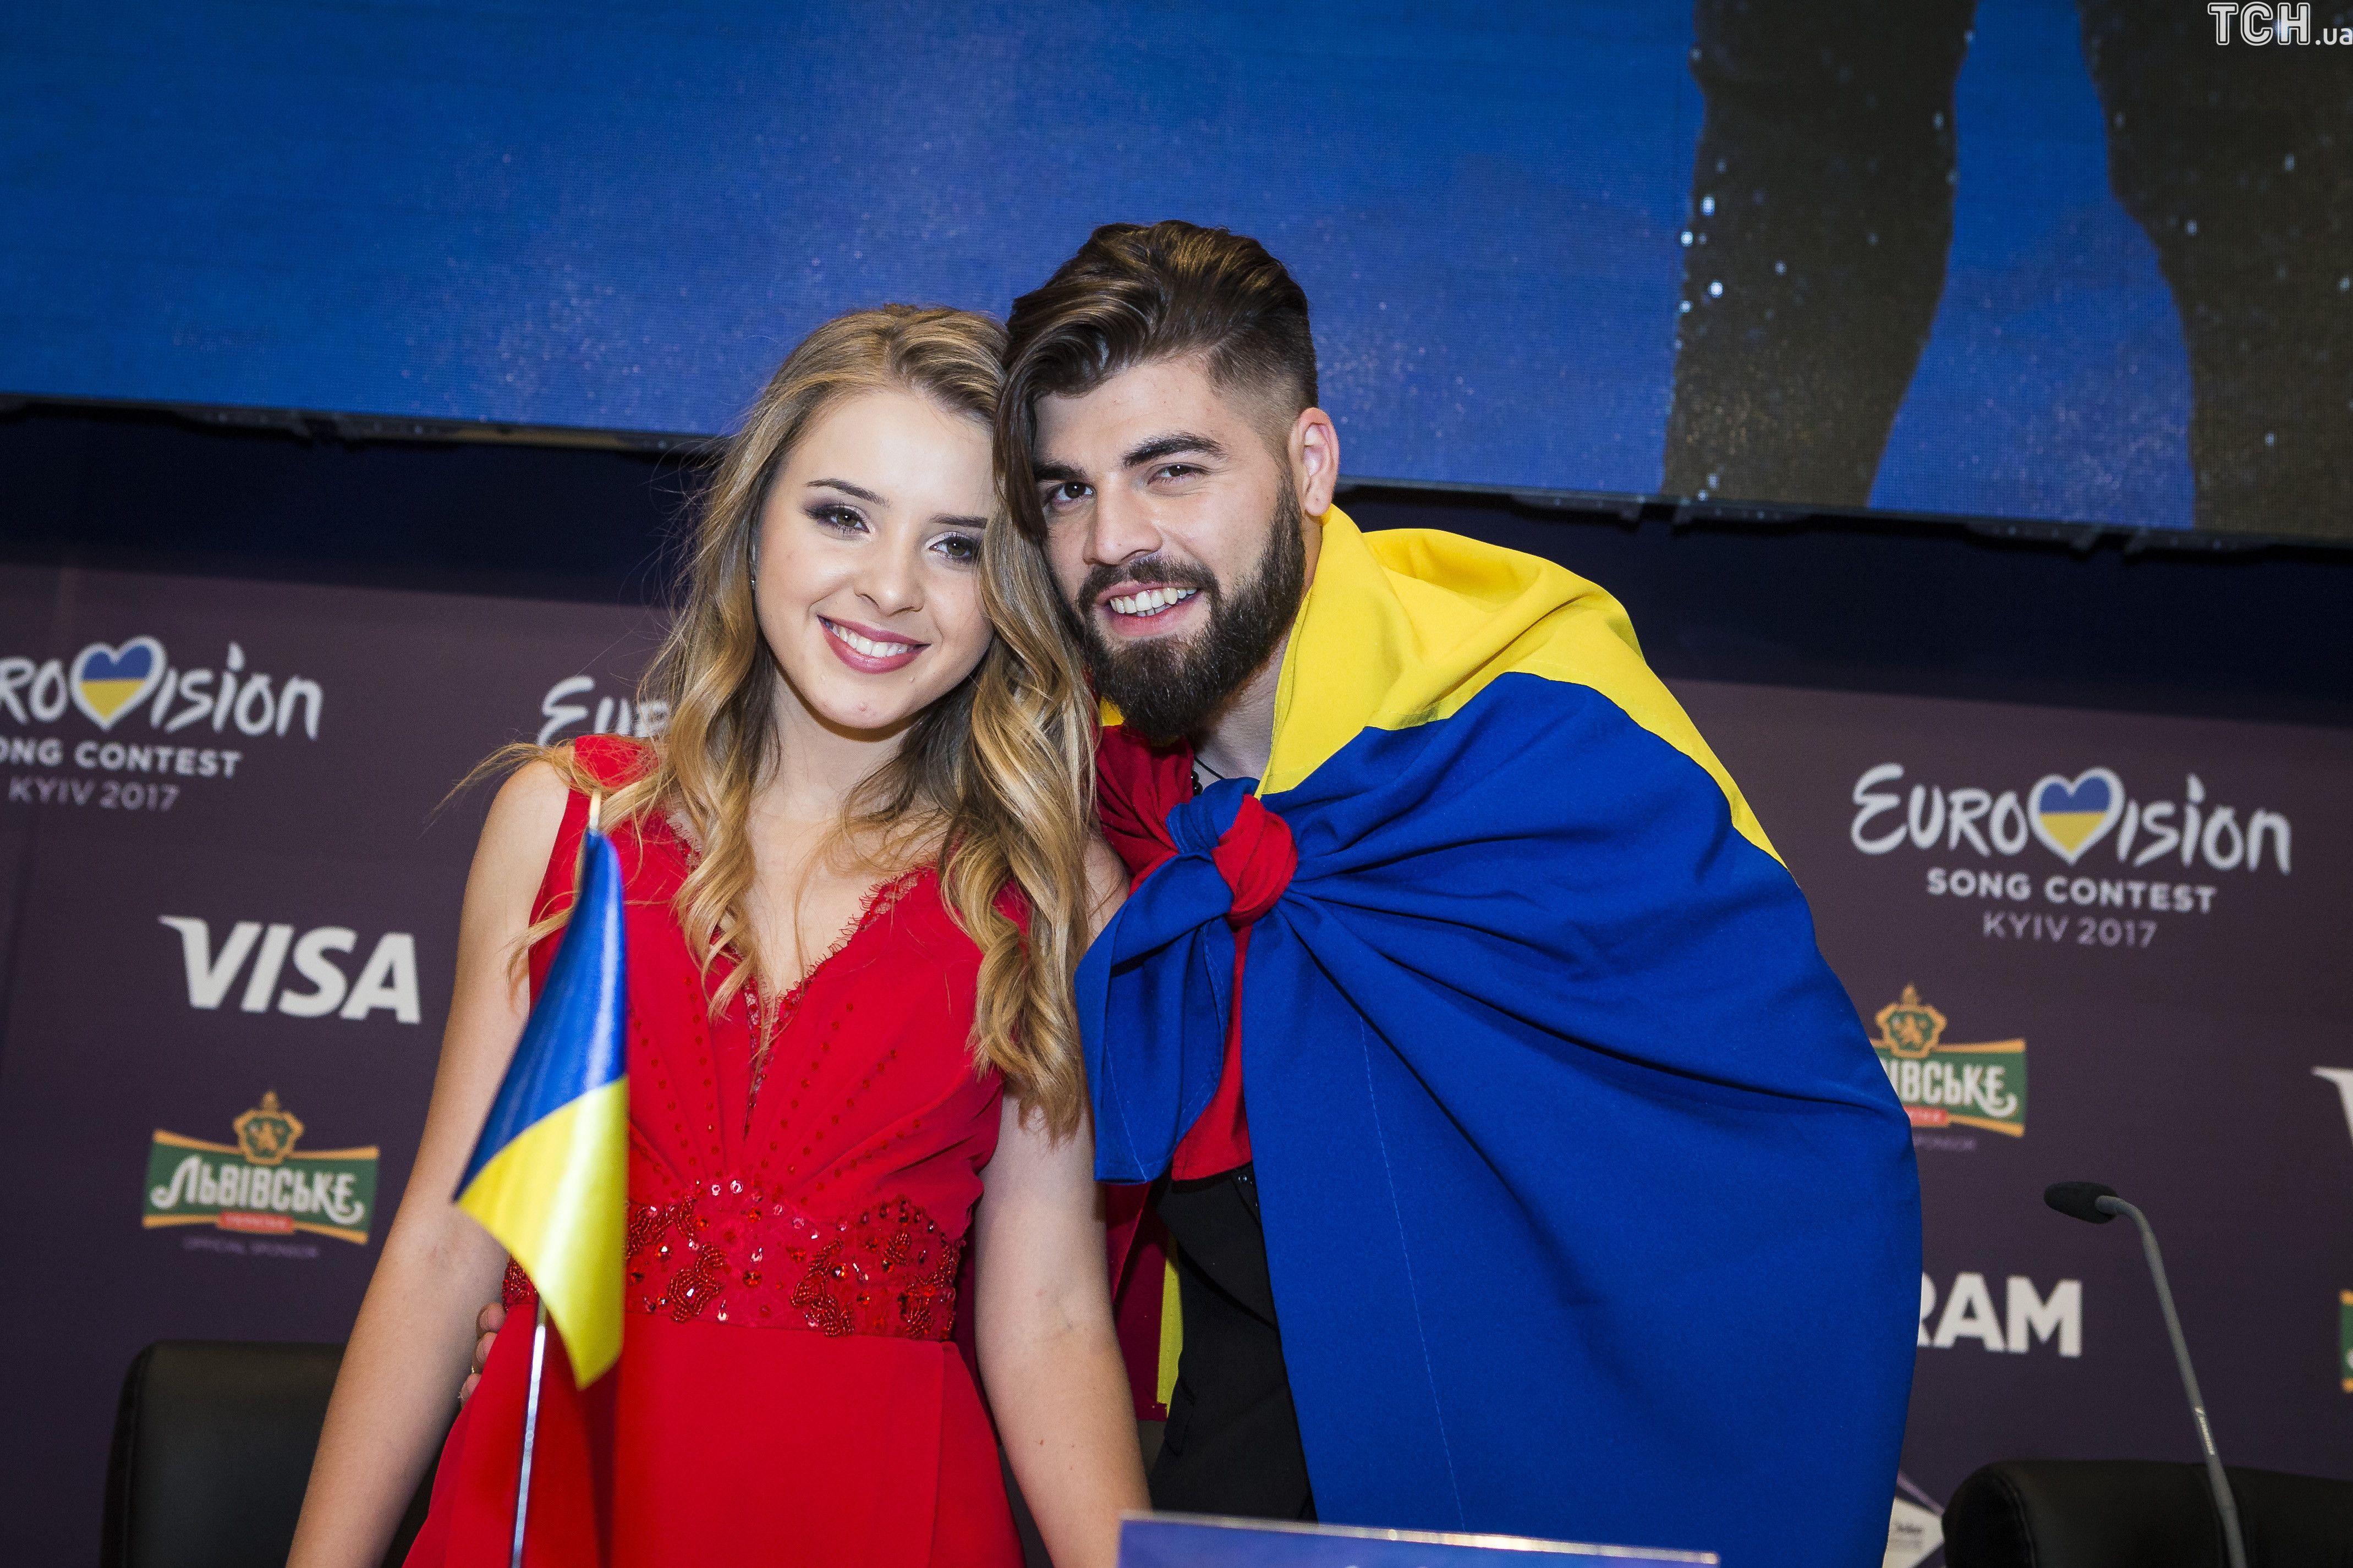 """Прес-конференція фіналістів другого півфіналу """"Євробачення-2017""""_3"""